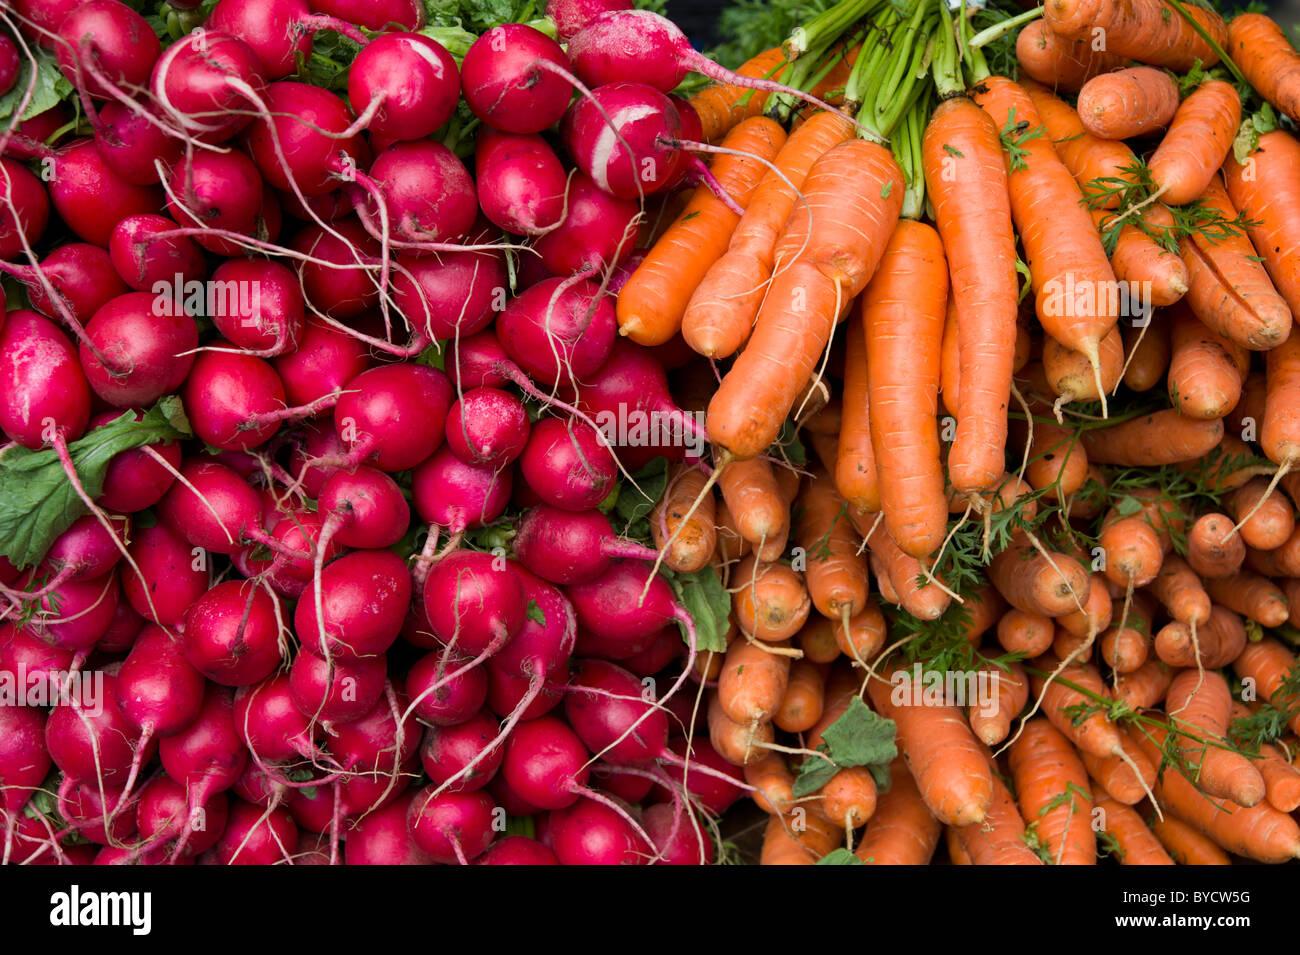 Les radis et les carottes sur l'étal du marché de légumes Photo Stock